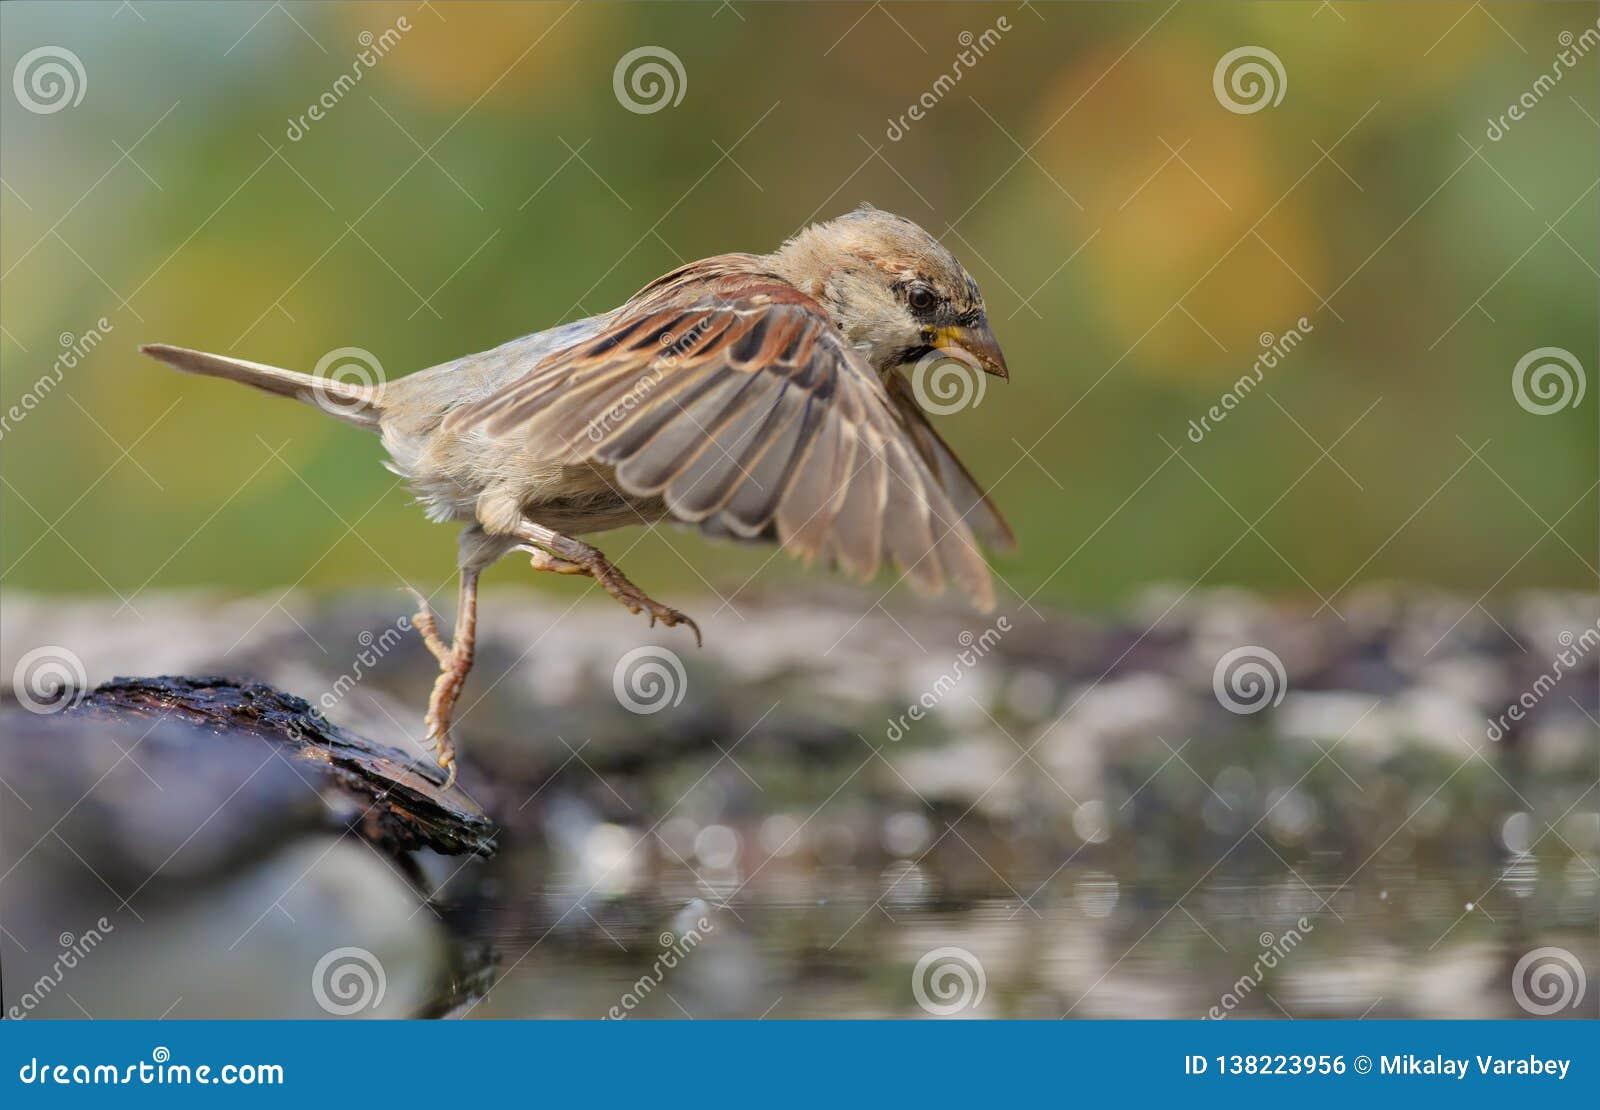 Haussperling, der in den Wasserteich mit ausgedehnten Flügeln und den Beinen springt